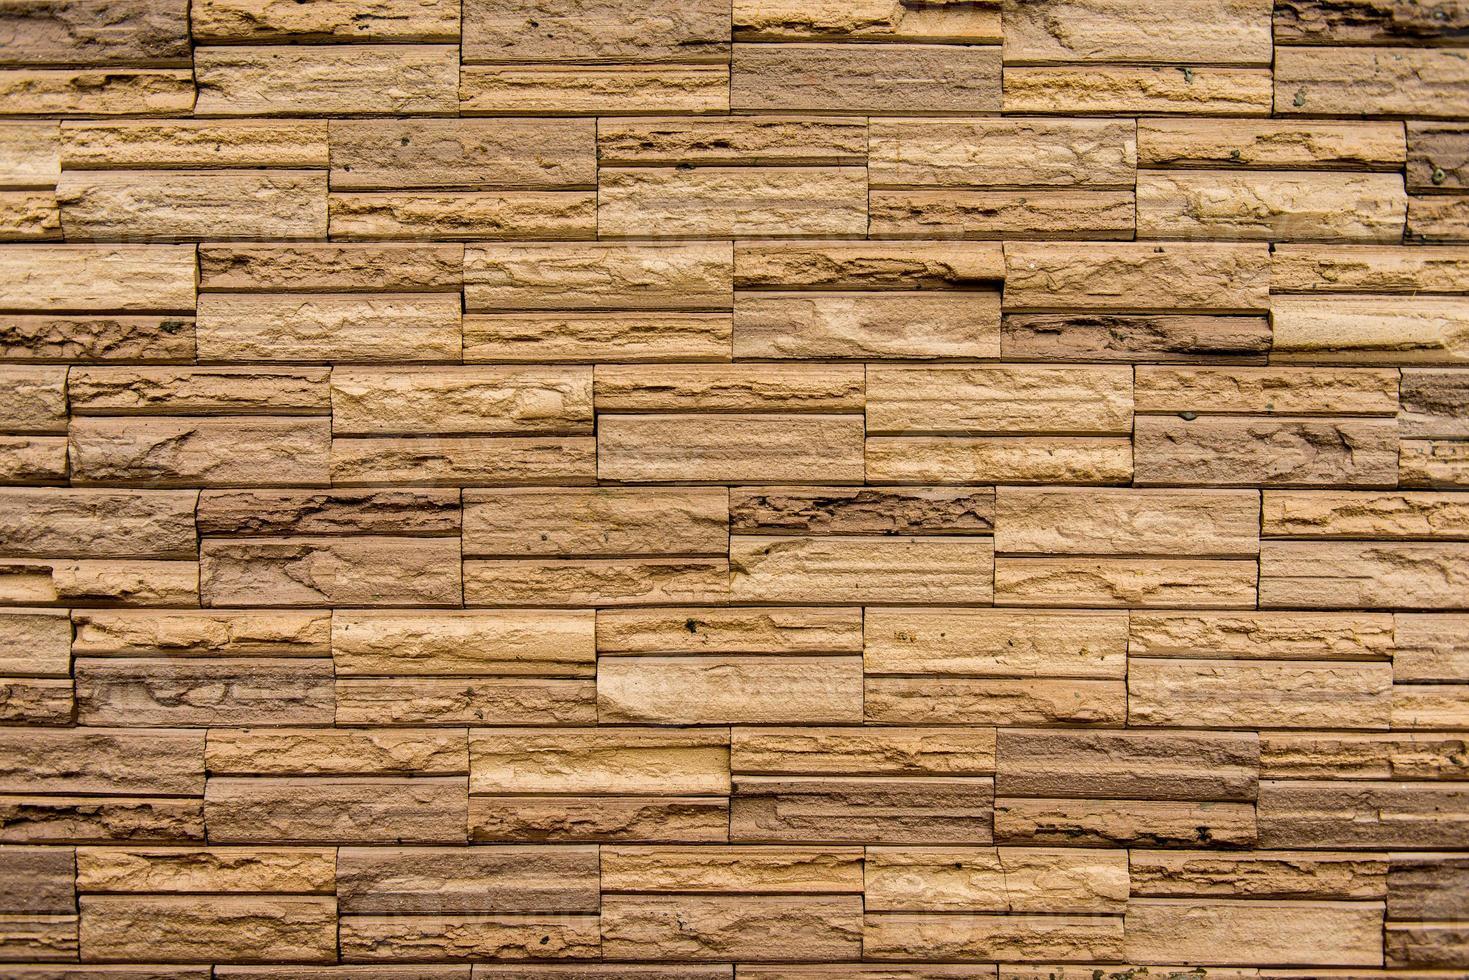 Steinmauer aus Blöcken foto